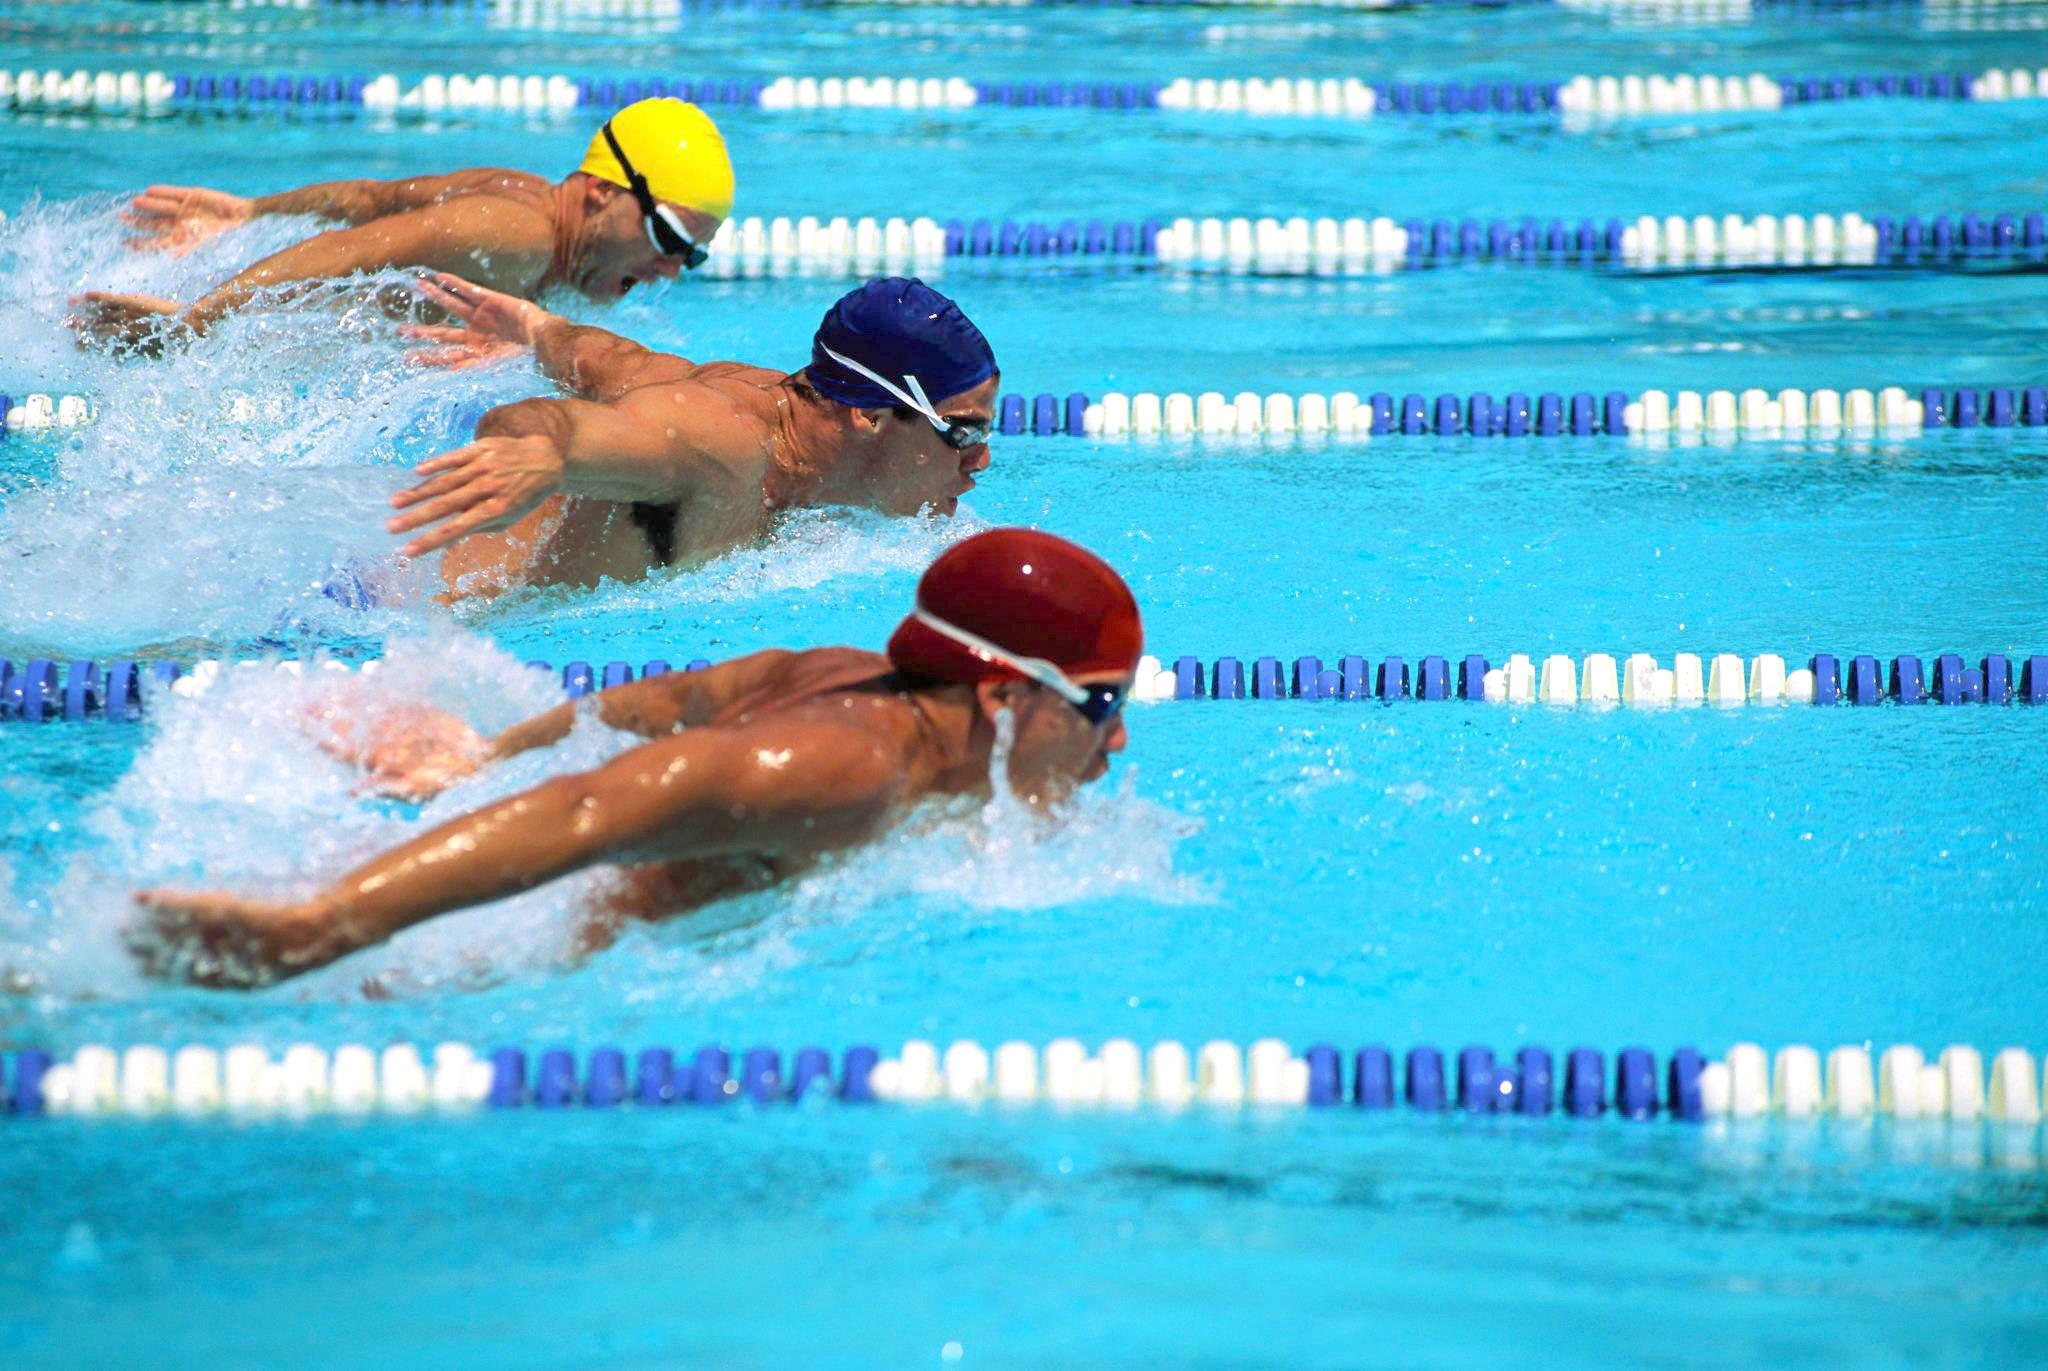 Камчатские спортсмены завоевали 39 медалей всех достоинств на «Кубке Чёрного моря»